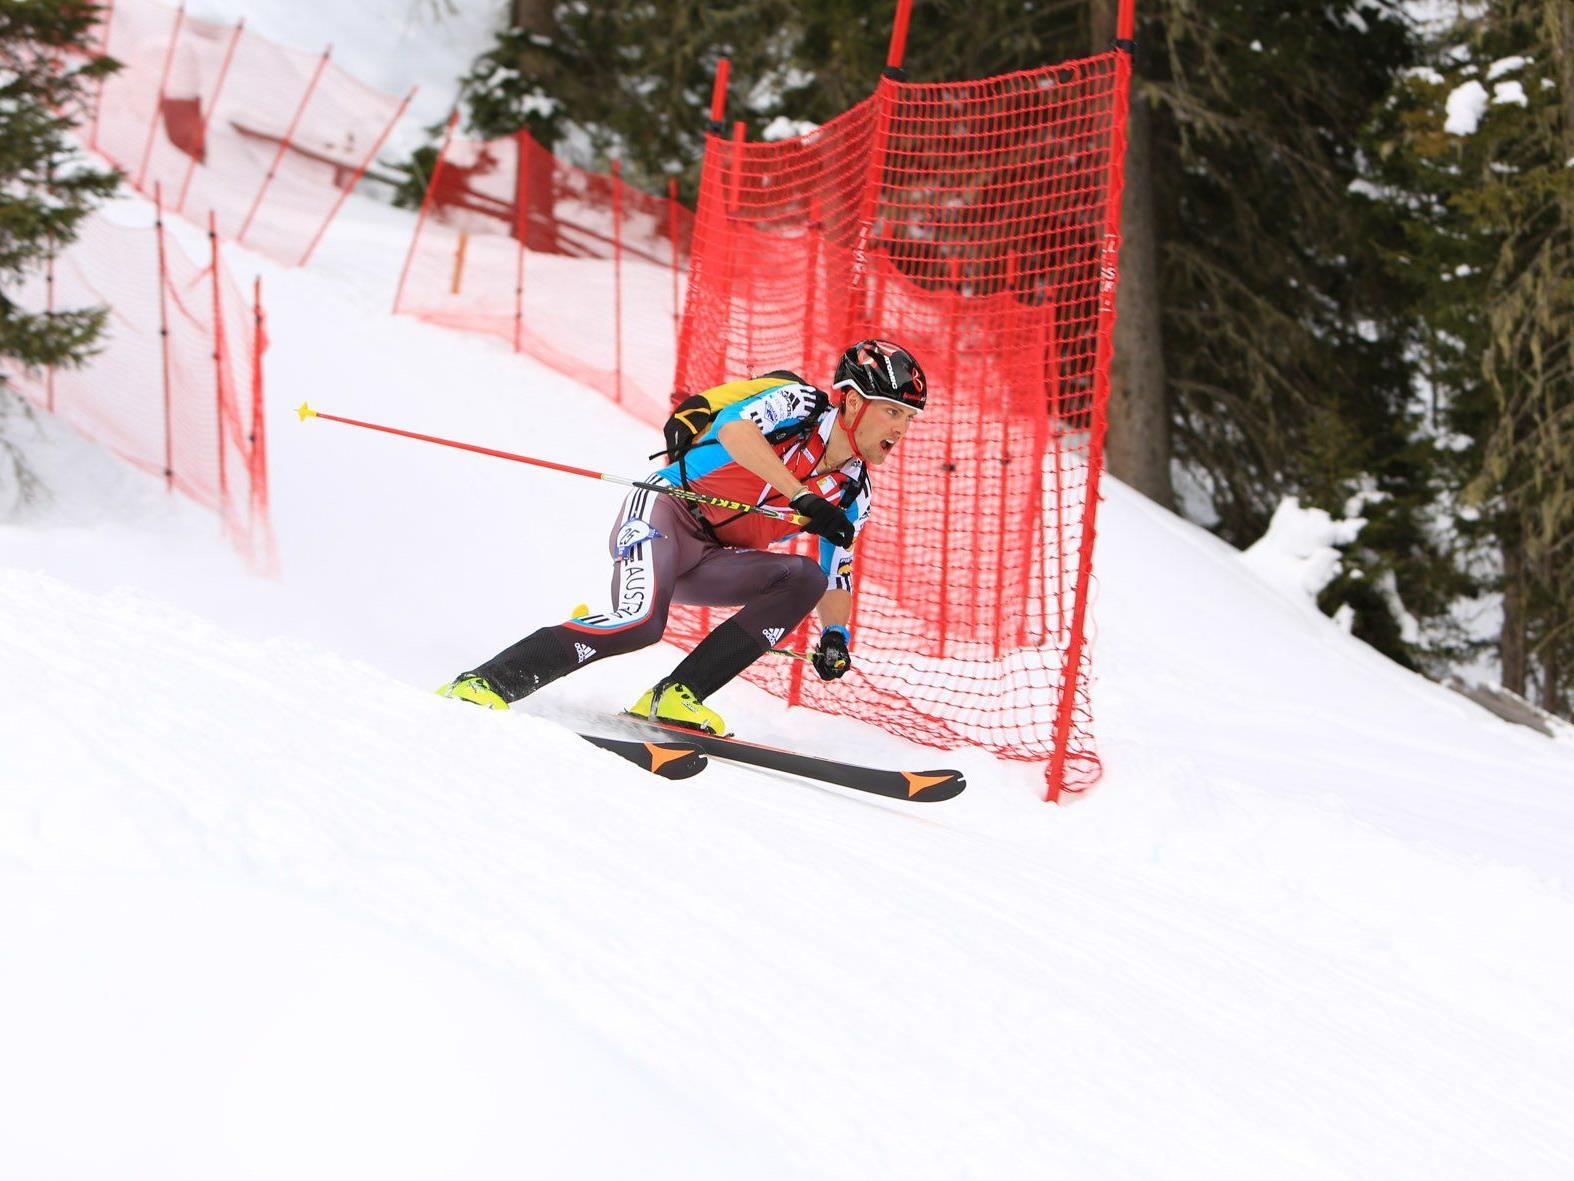 Platz fünf im Weltcup in Italien für den Montafoner Daniel Zugg.